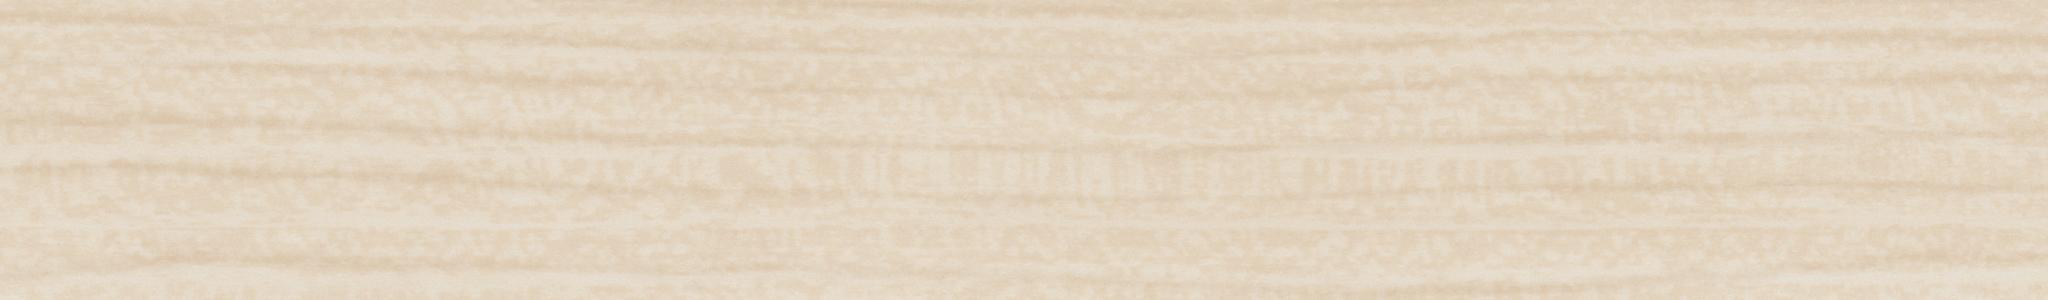 HD 267044 Кромка ABS Клен Норвежский - Гладкая - Мягкая